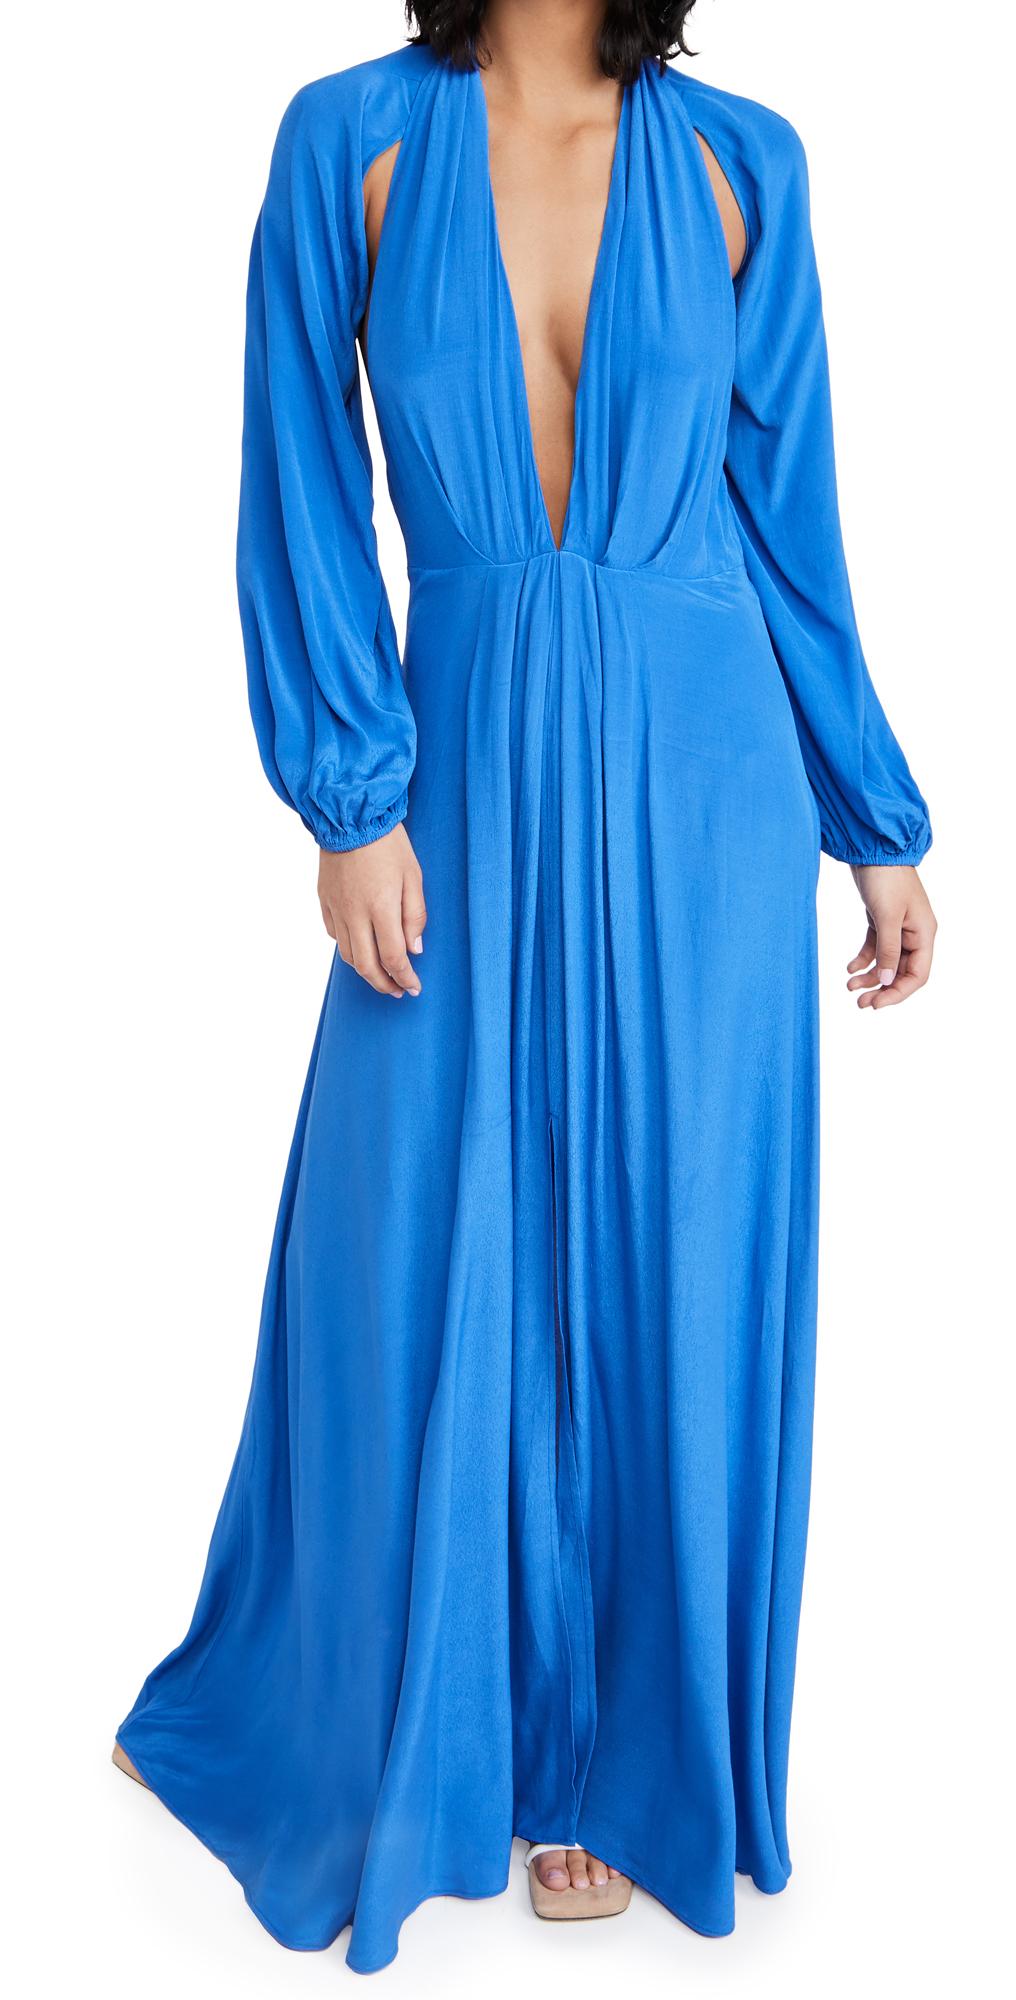 Cult Gaia Hera Gown